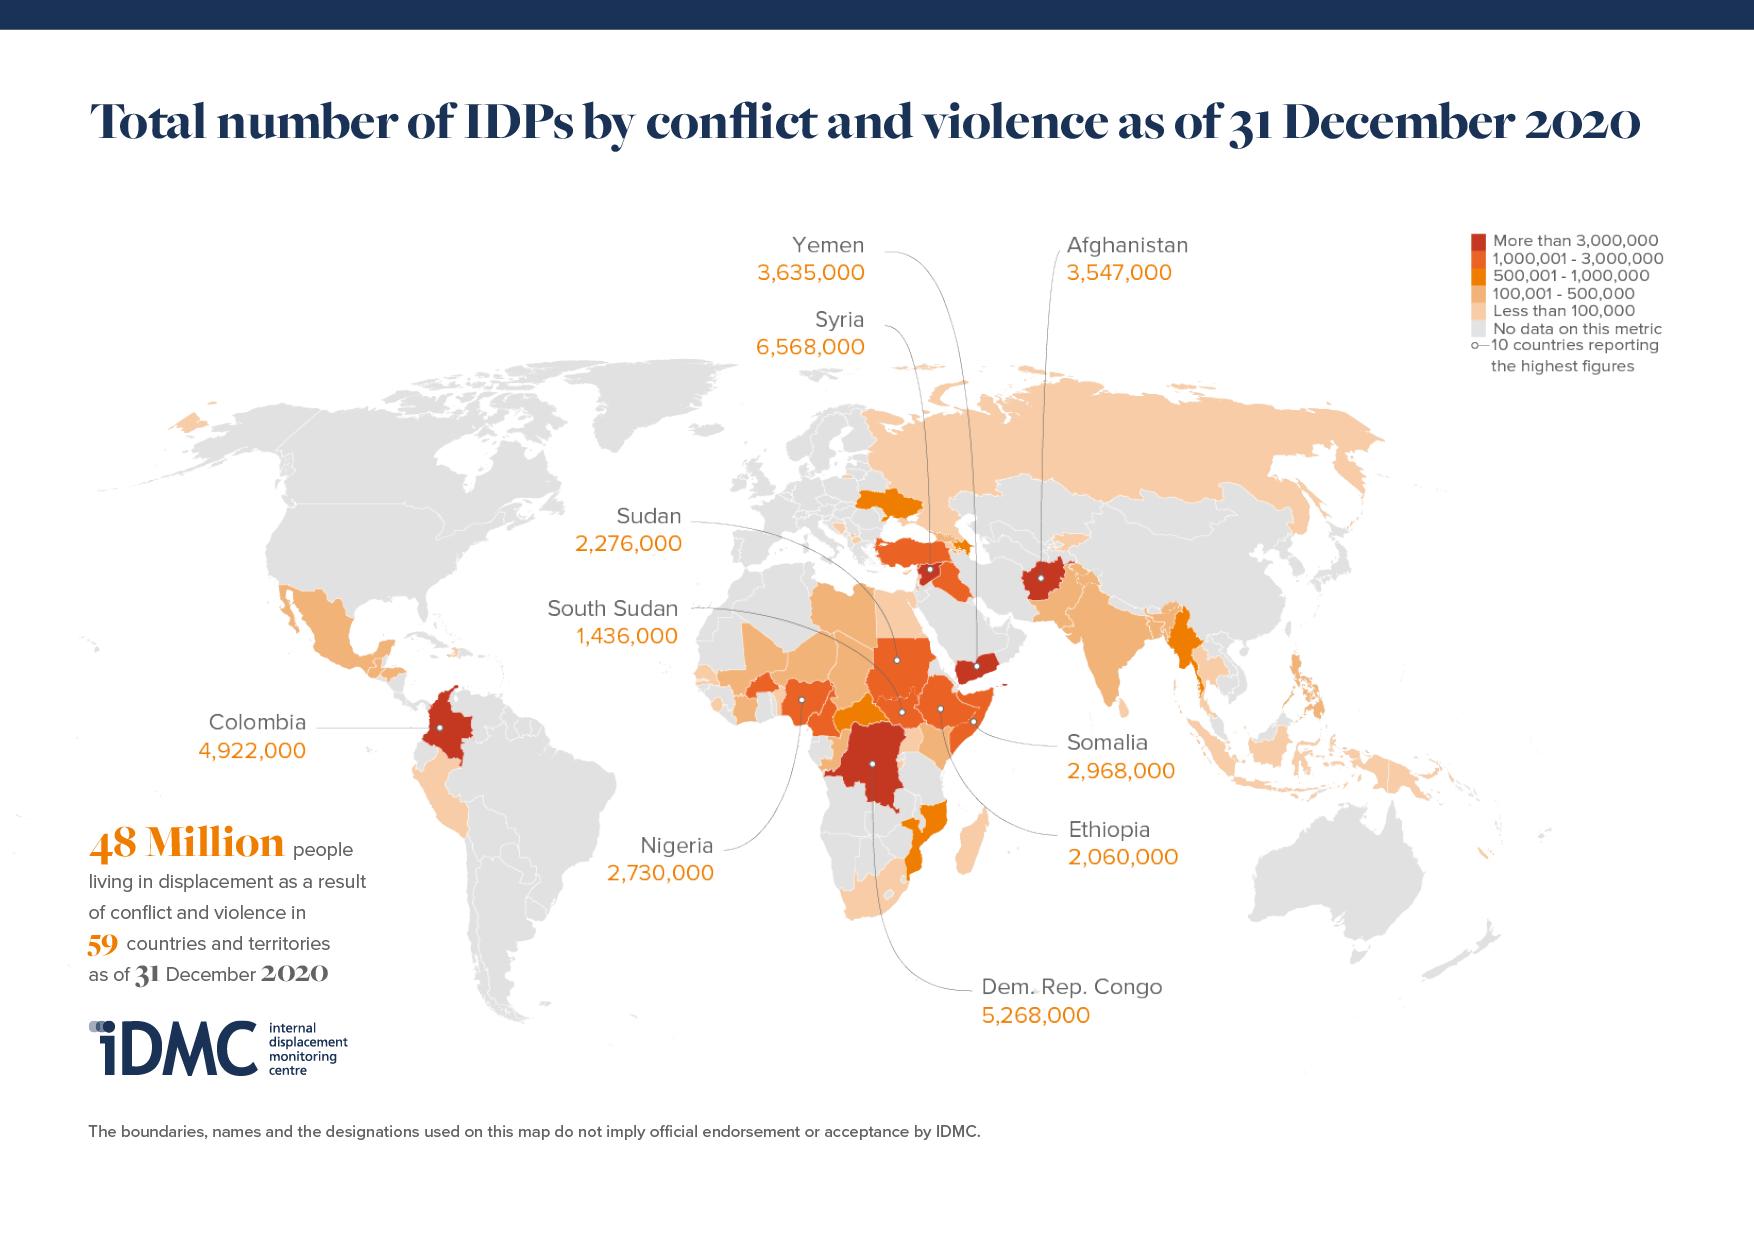 Monde - Déplacés par les conflits (2020)